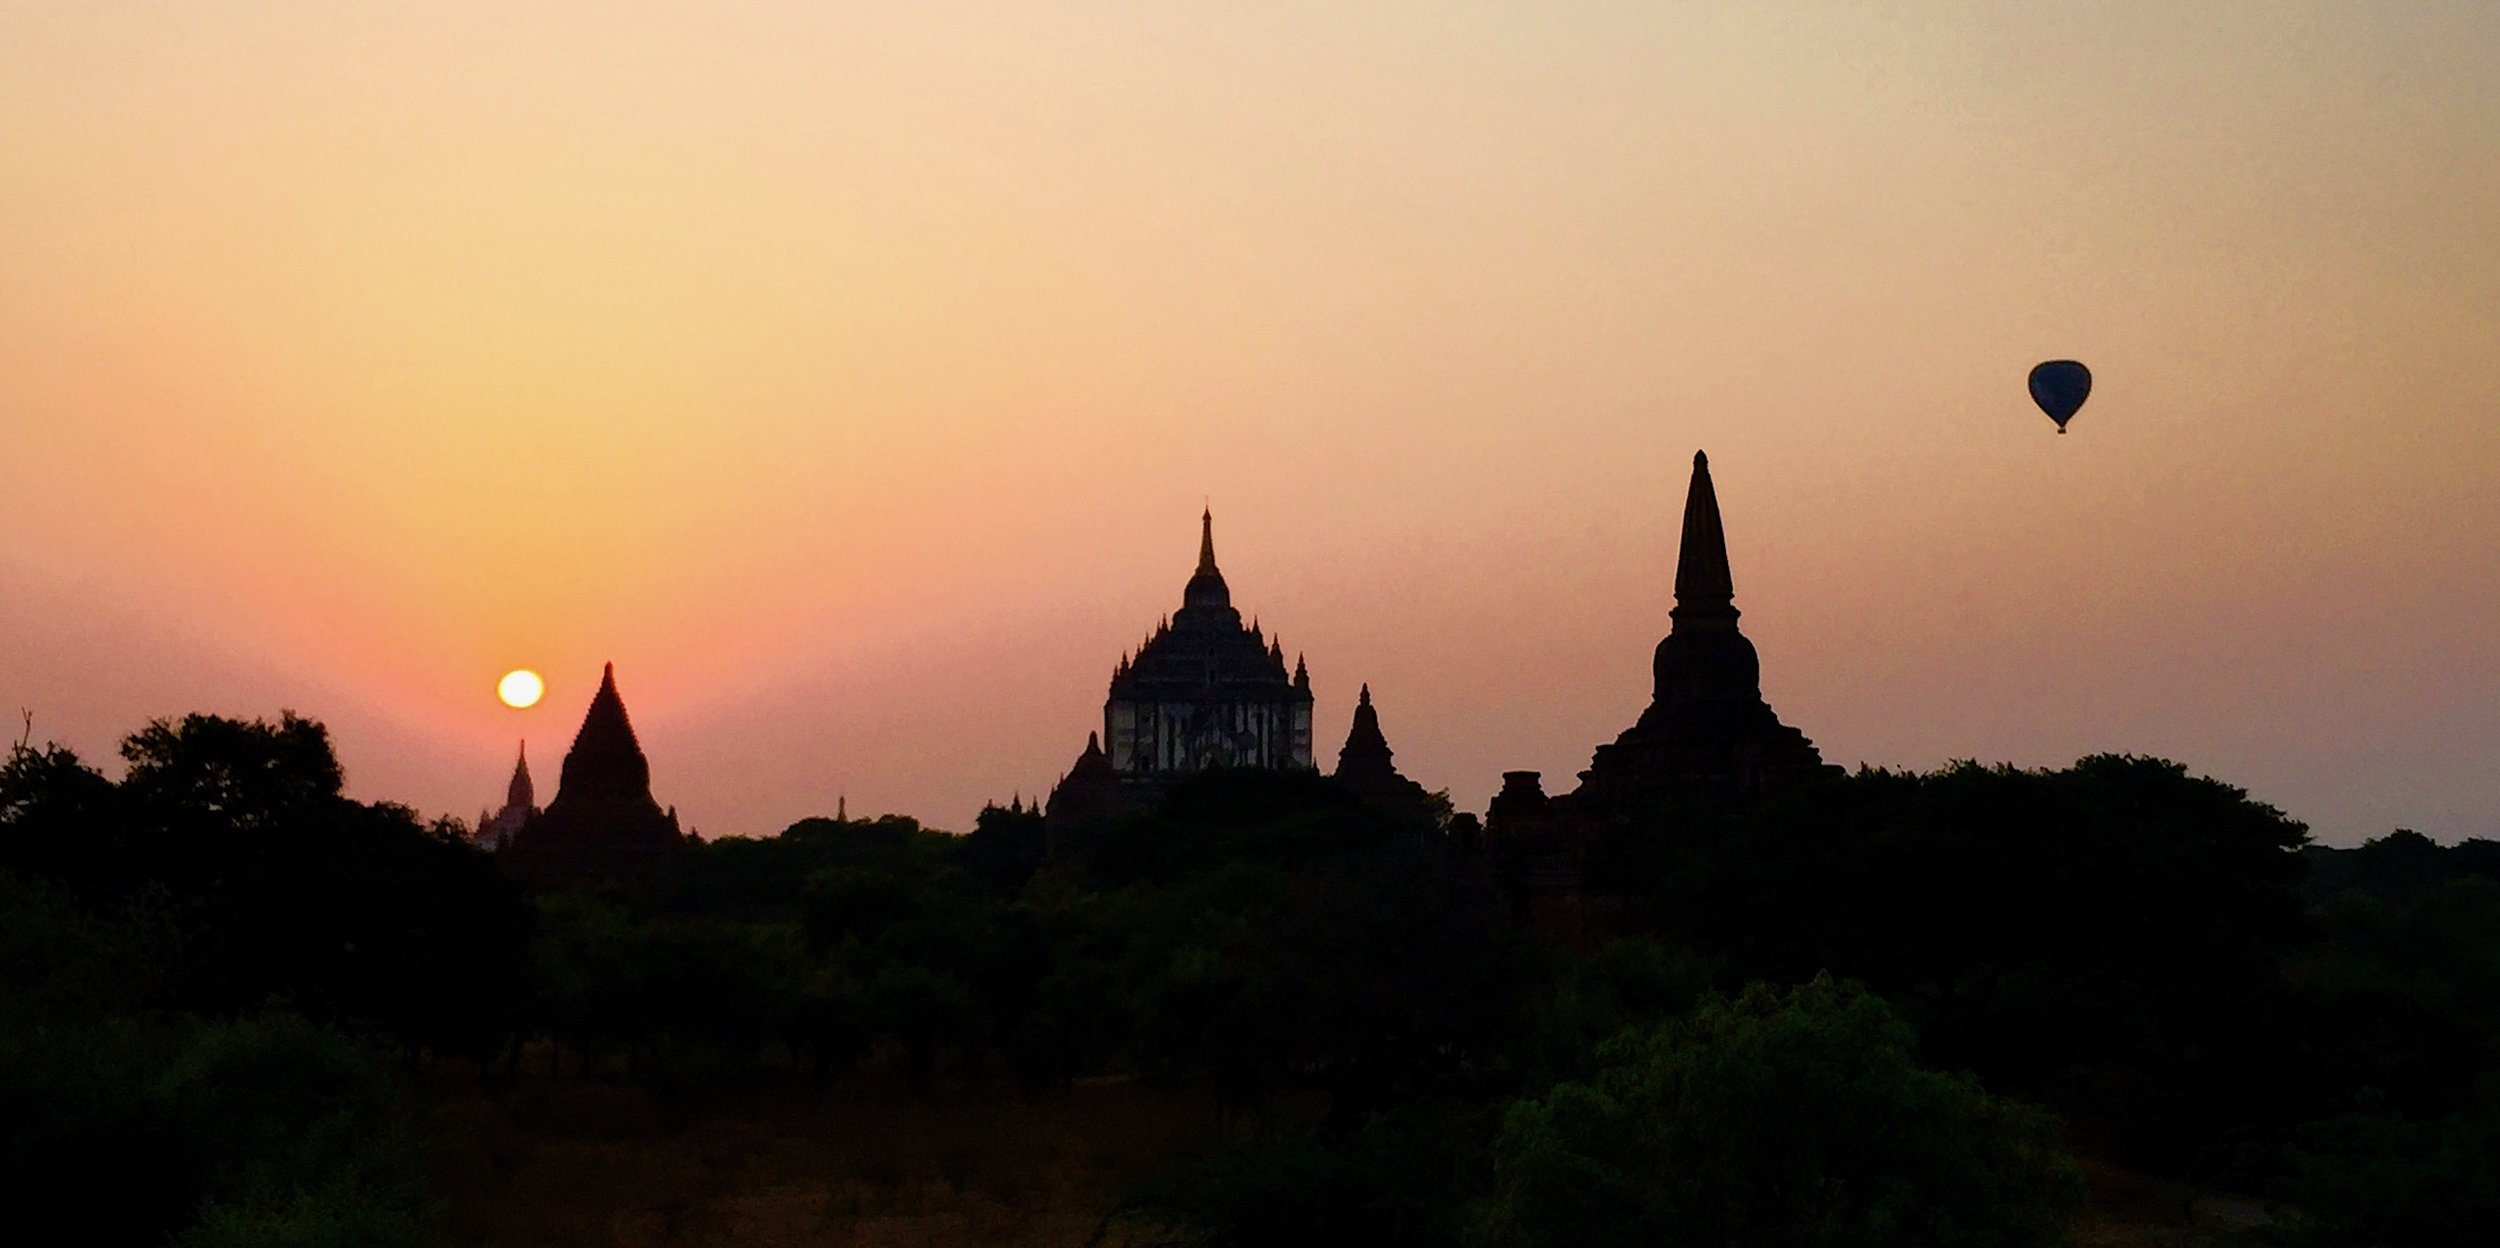 Seis da manhã em Bagan, e o último balão da temporada. Foto: Patti Neves